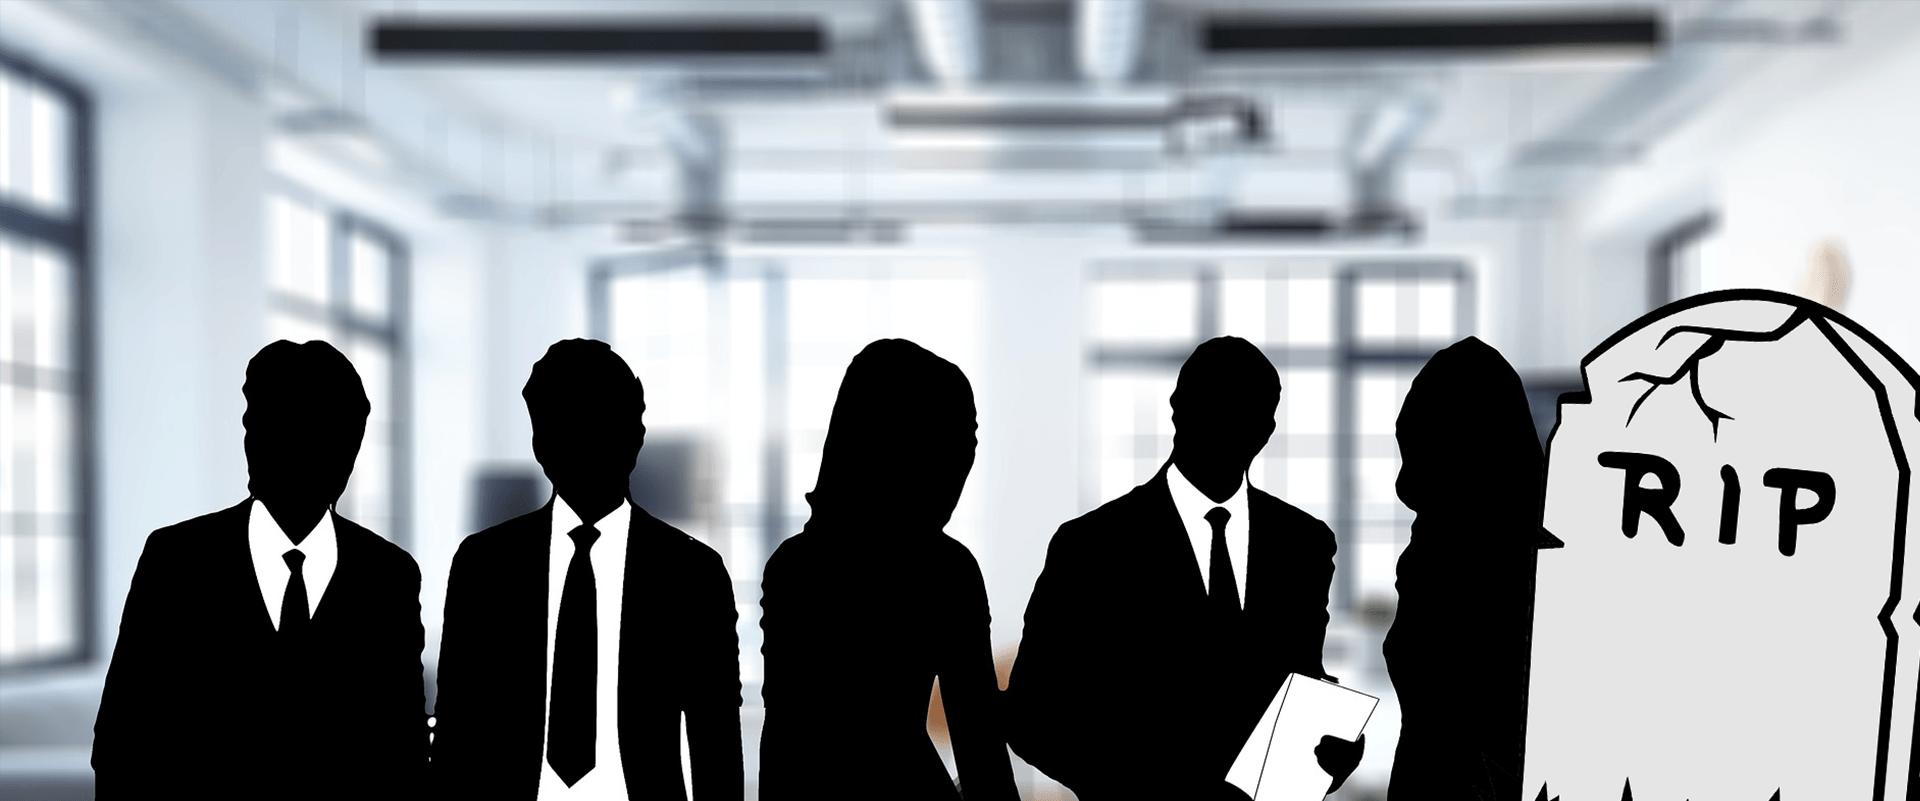 versicherungsvermittler aussterben versicherungsvermittler versicherungsvertreter